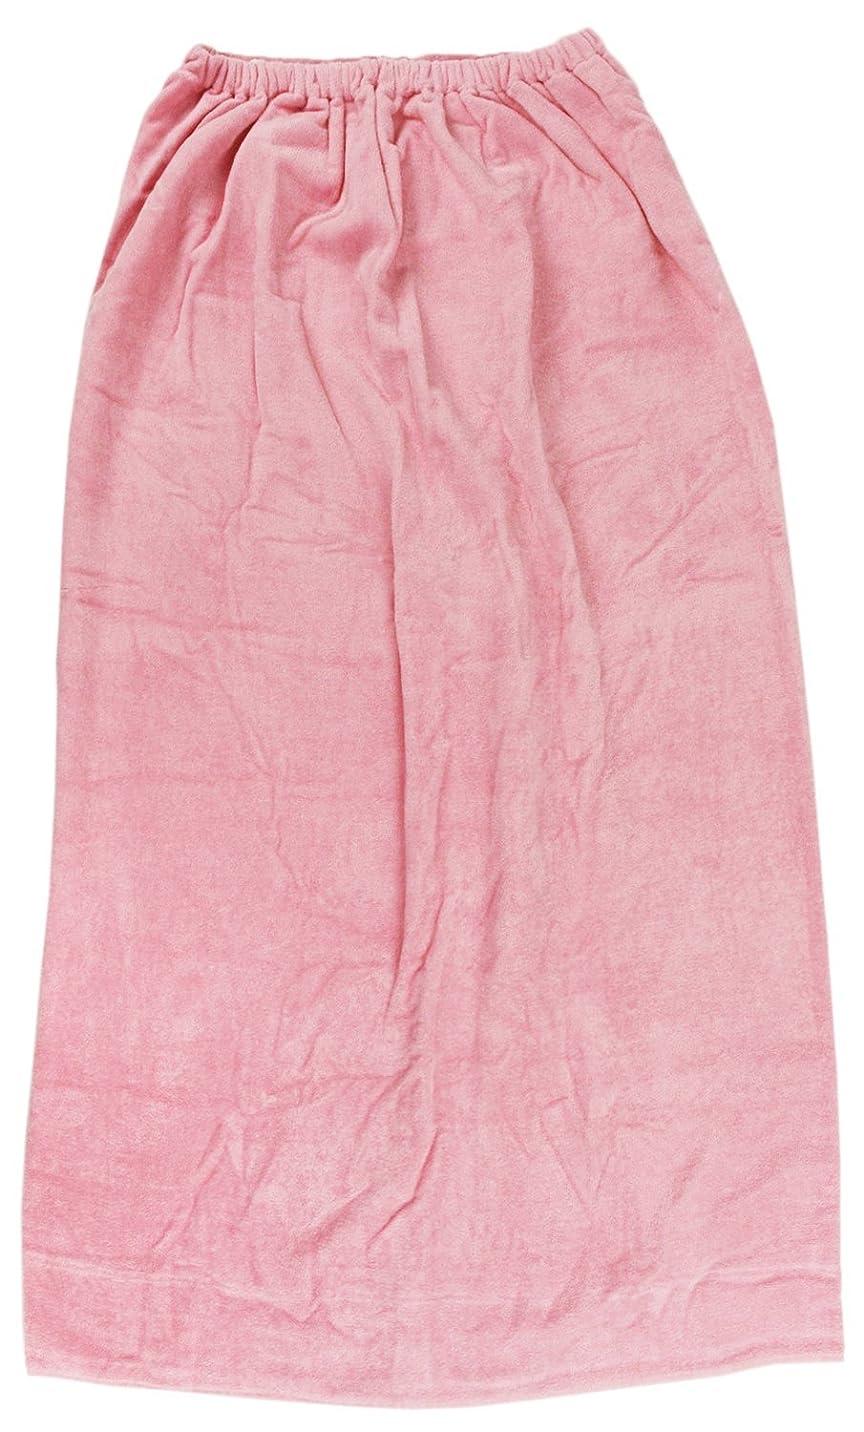 真っ逆さまセイはさておきラベ林(Hayashi) ラップタオル ピンク 約100×120cm シャーリングカラー 無地 MD454822